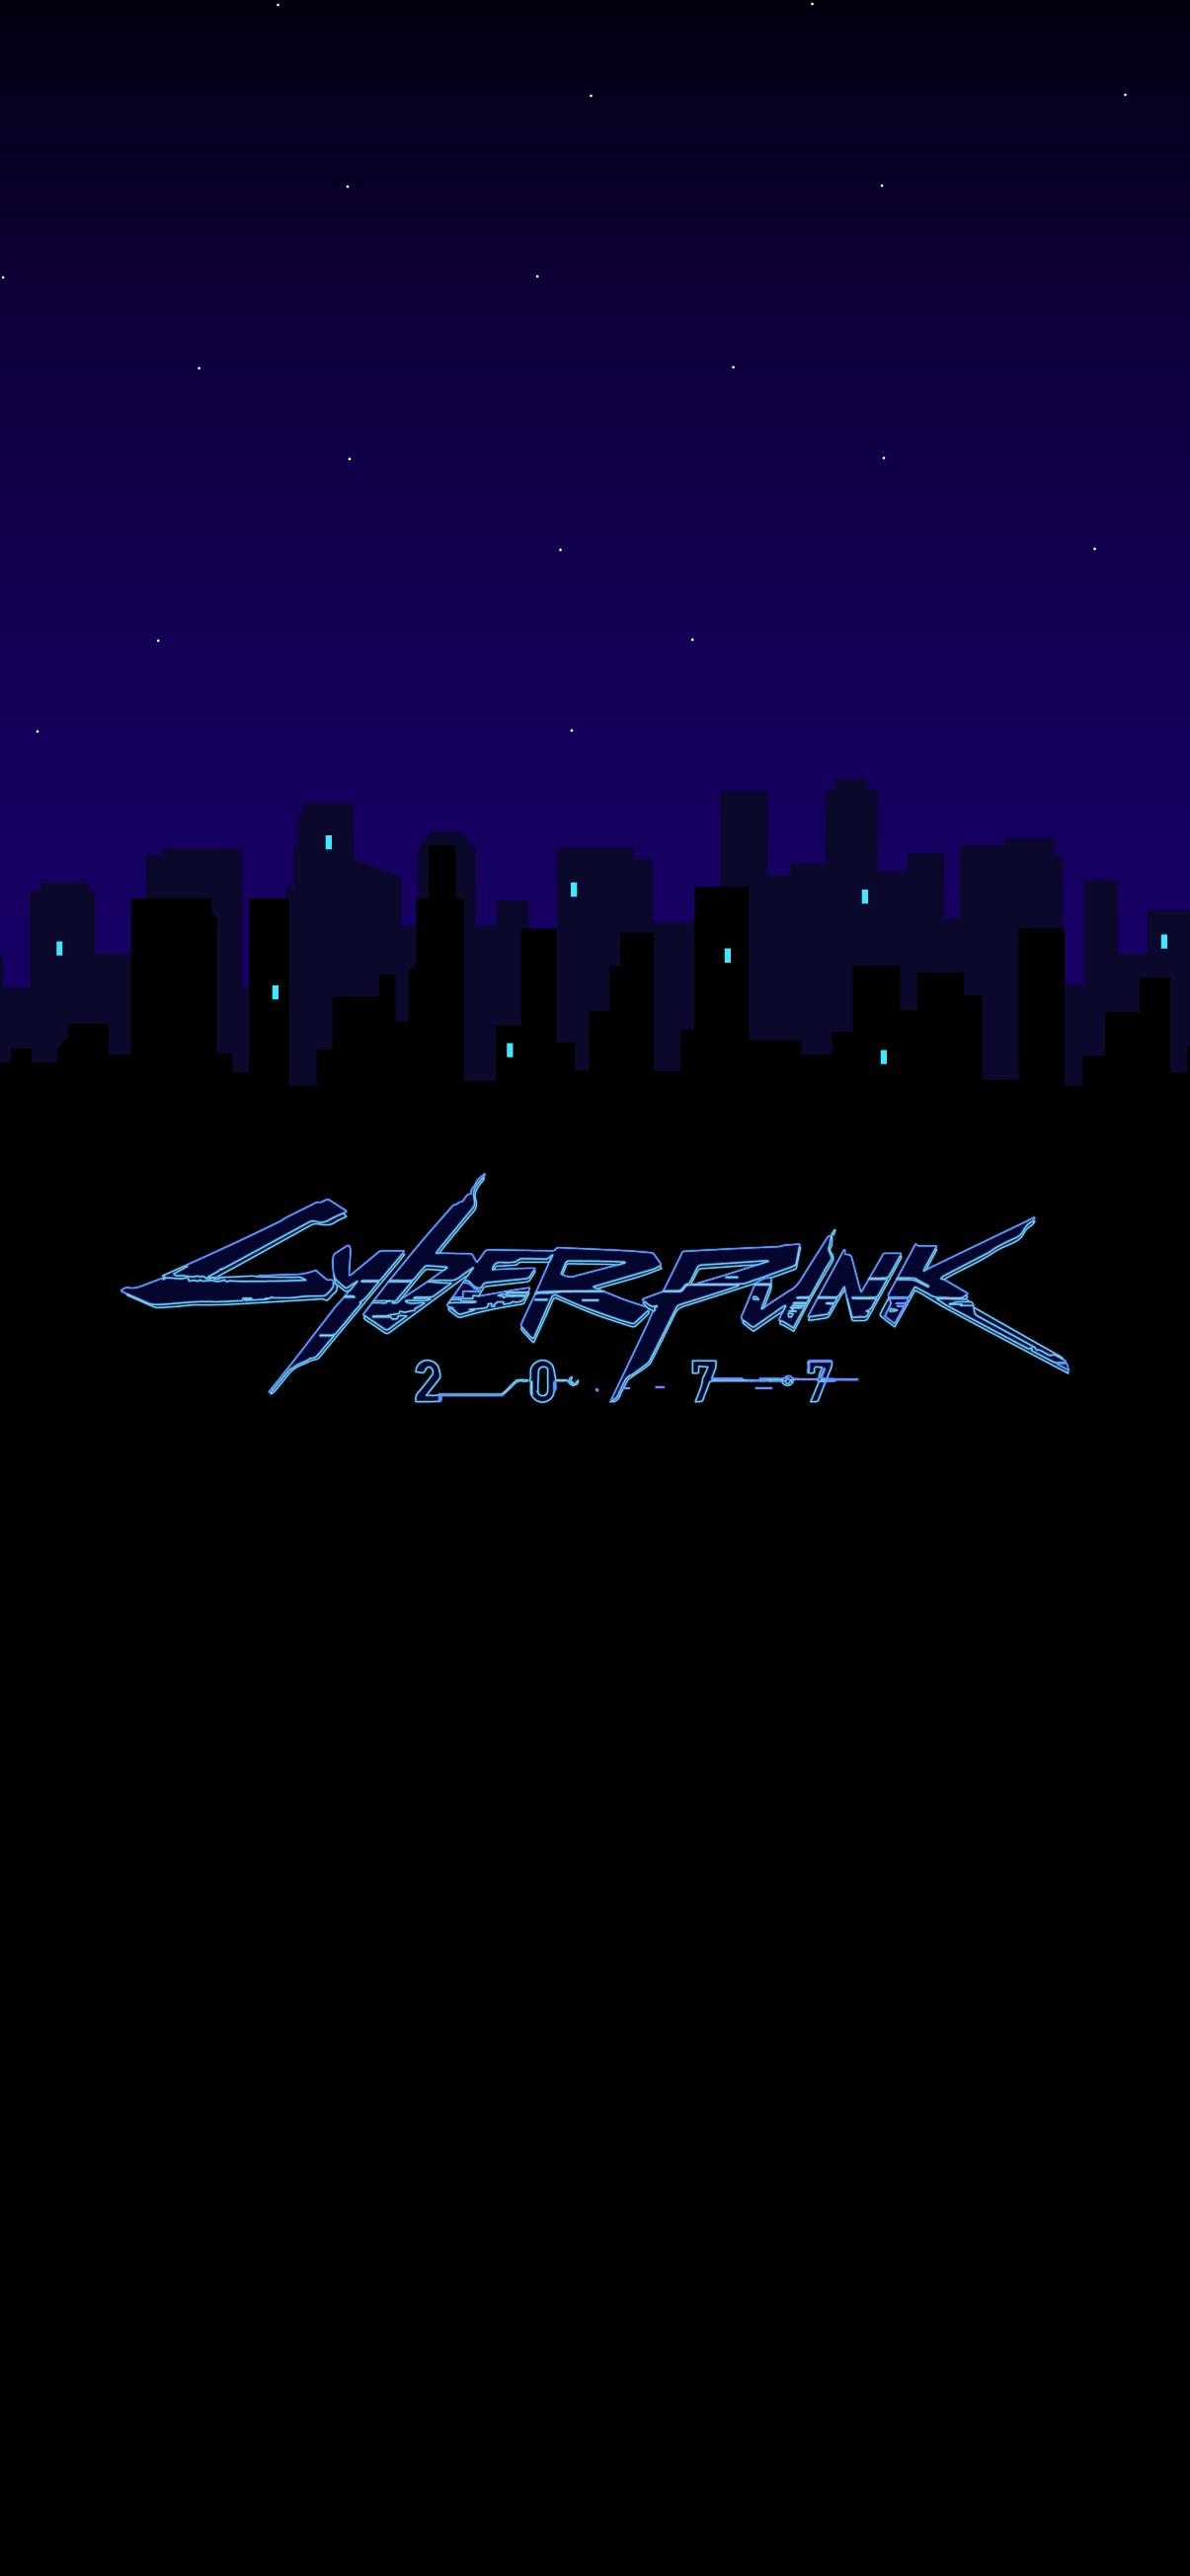 Cyberpunk 2077 Phone Wallpaper 4k Heroscreen Cool Wallpapers Phone Wallpaper Cyberpunk 2077 Cyberpunk